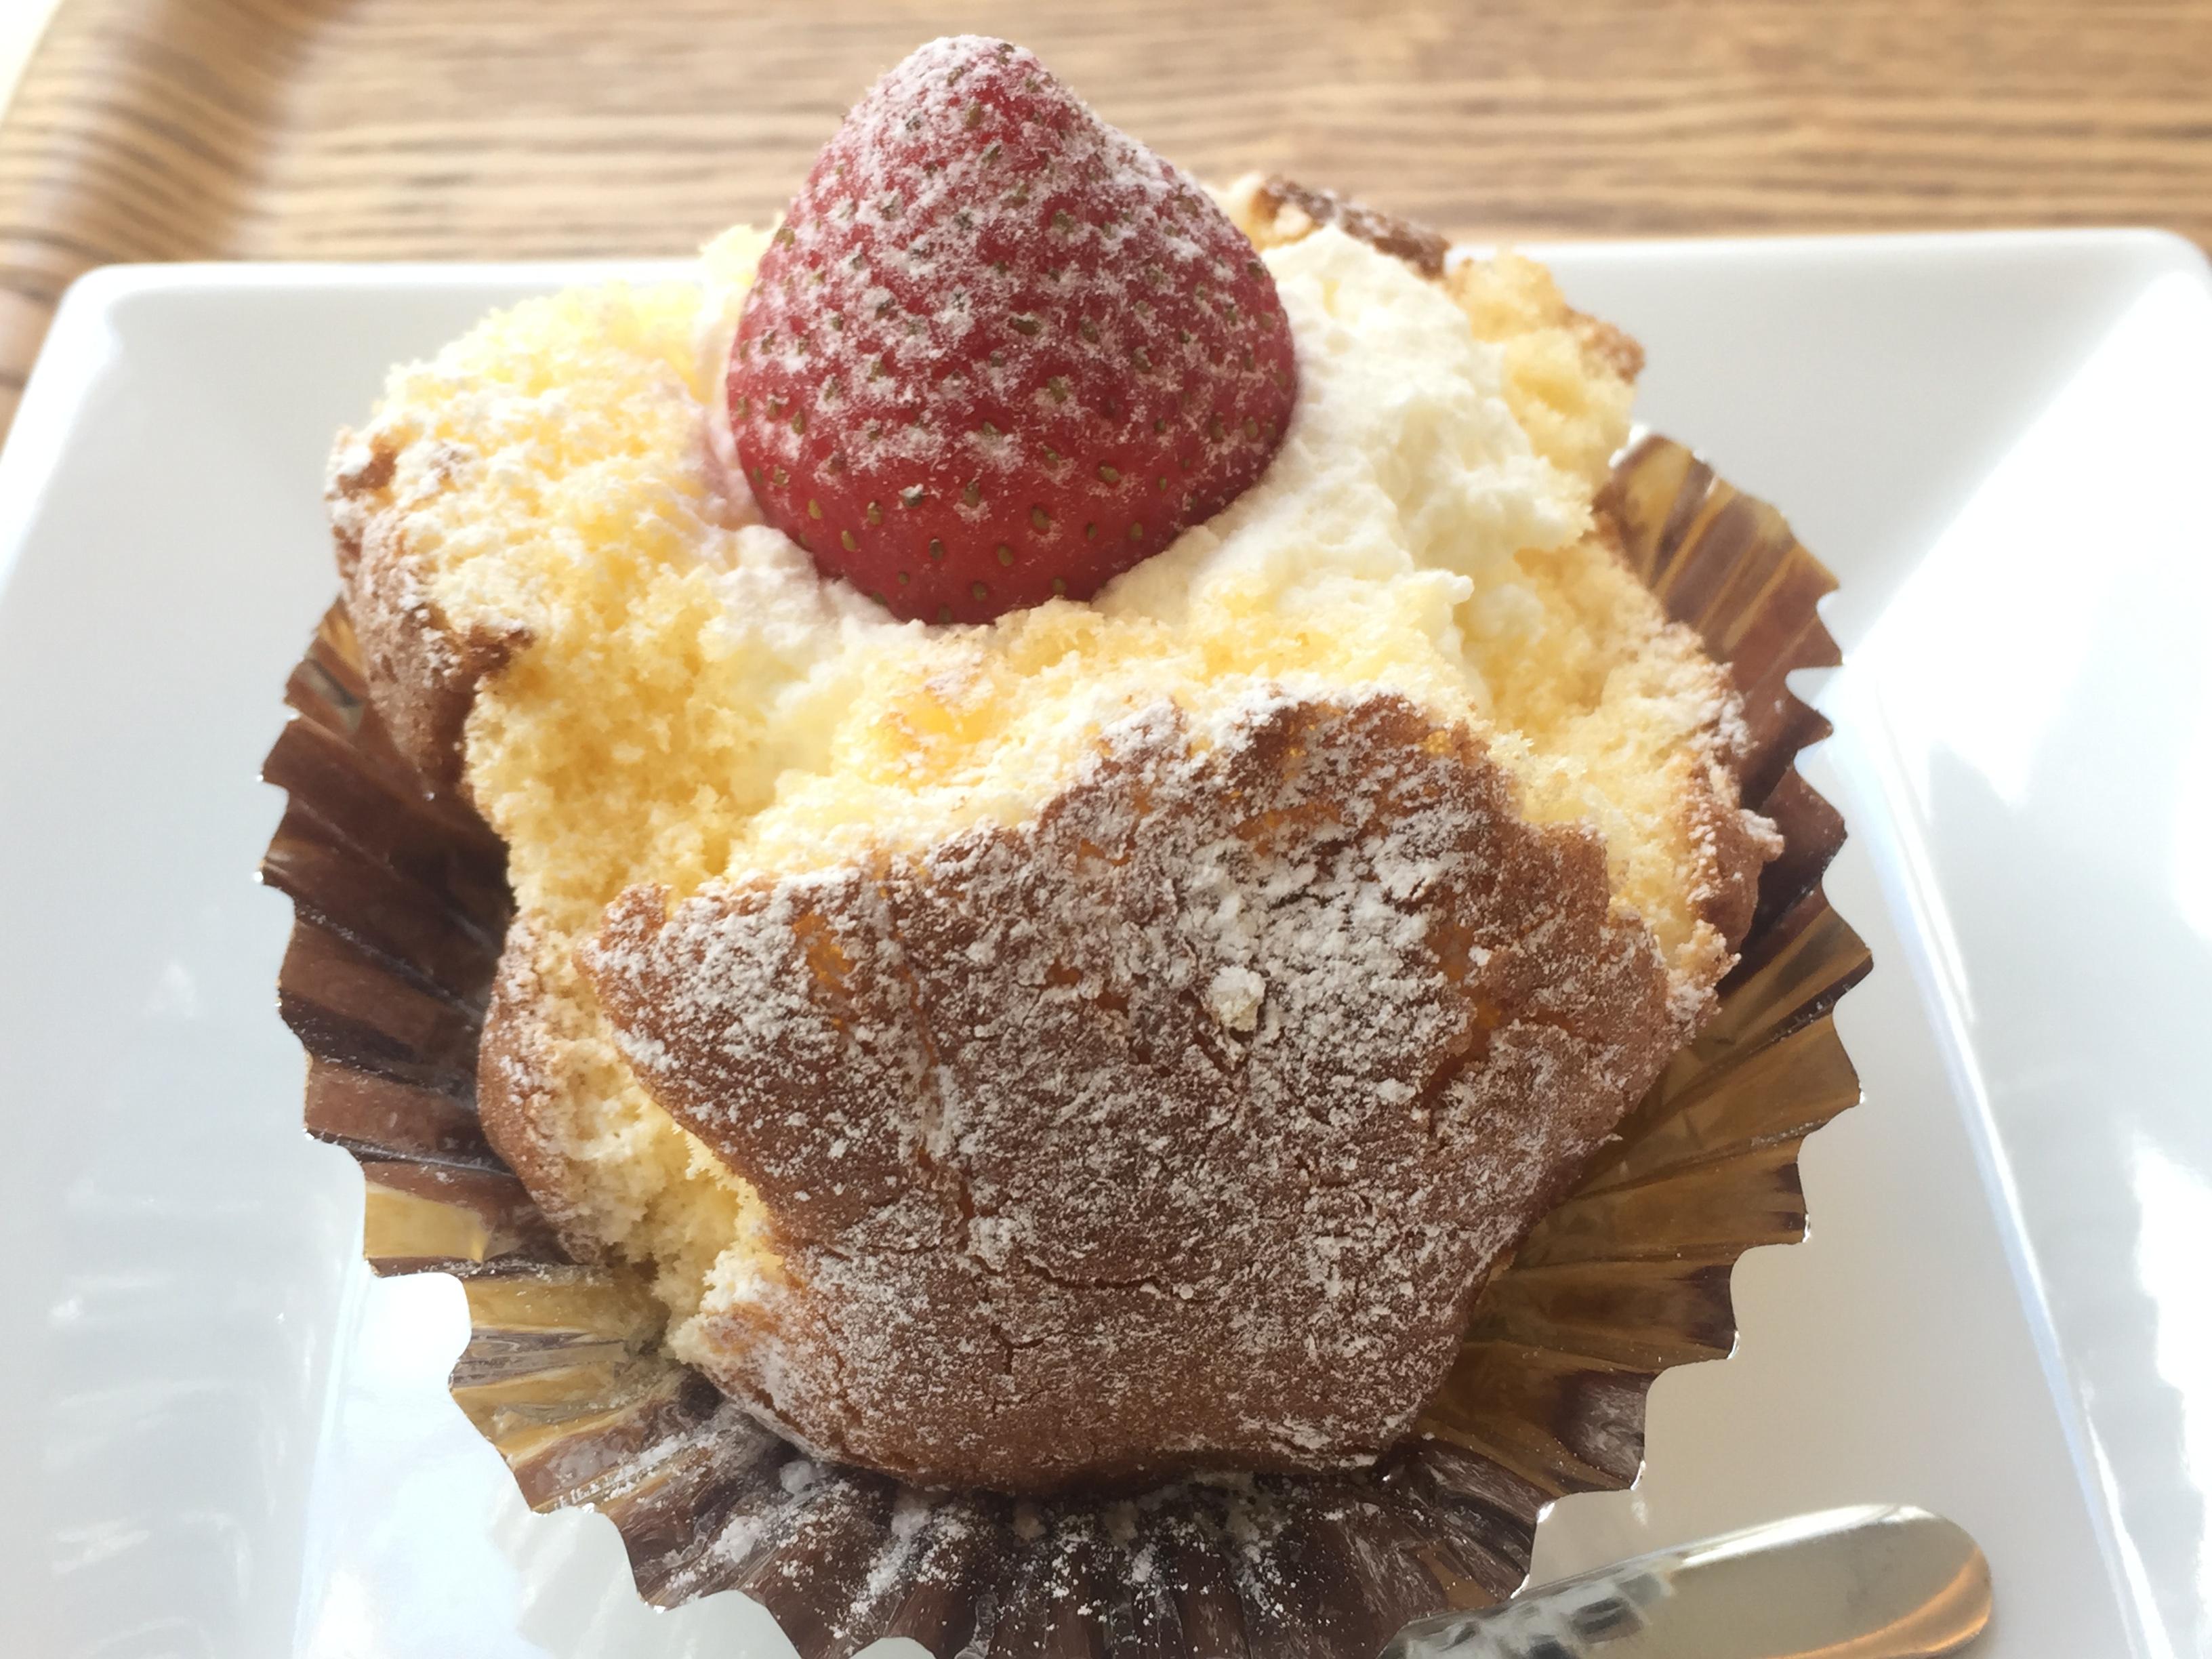 神戸・元町にある「元町ケーキ」で看板メニューの「ざくろ」を食べてみた! #元町ケーキ